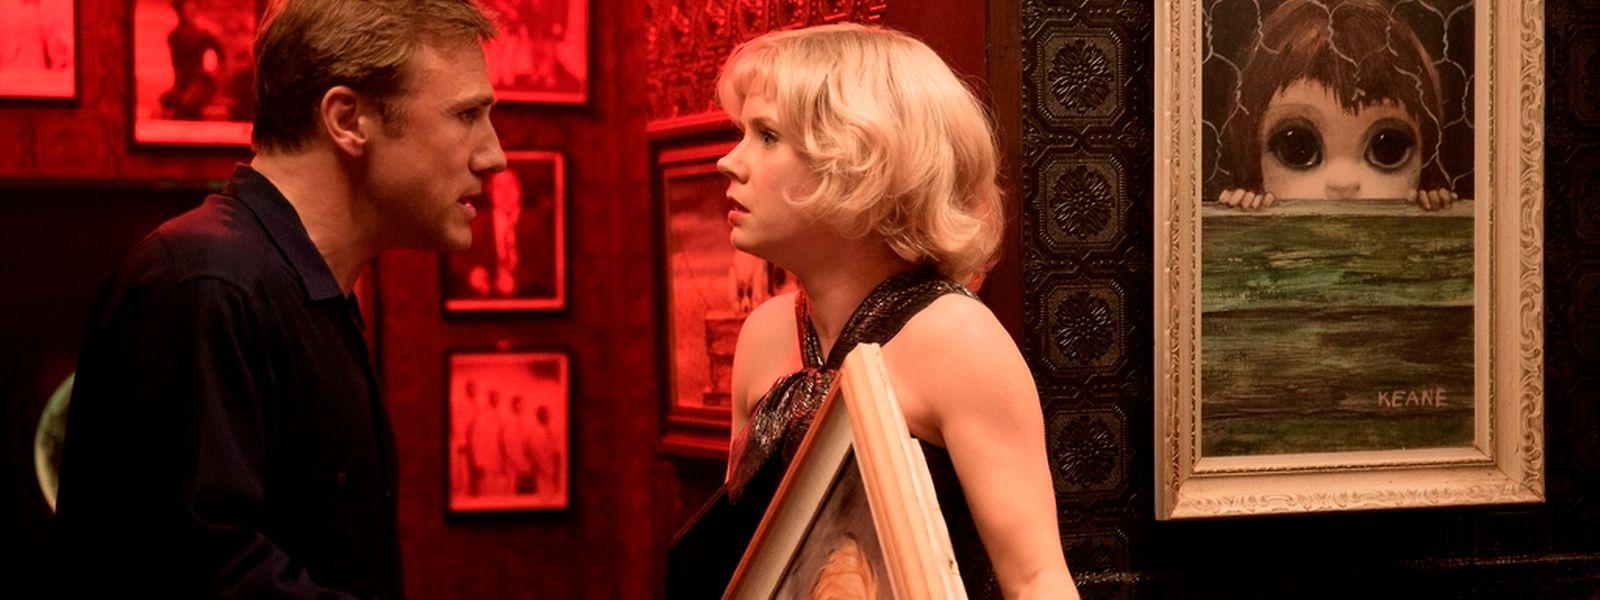 Tim Burton enviou para o Luxemburgo um filme com mais olhos que barriga